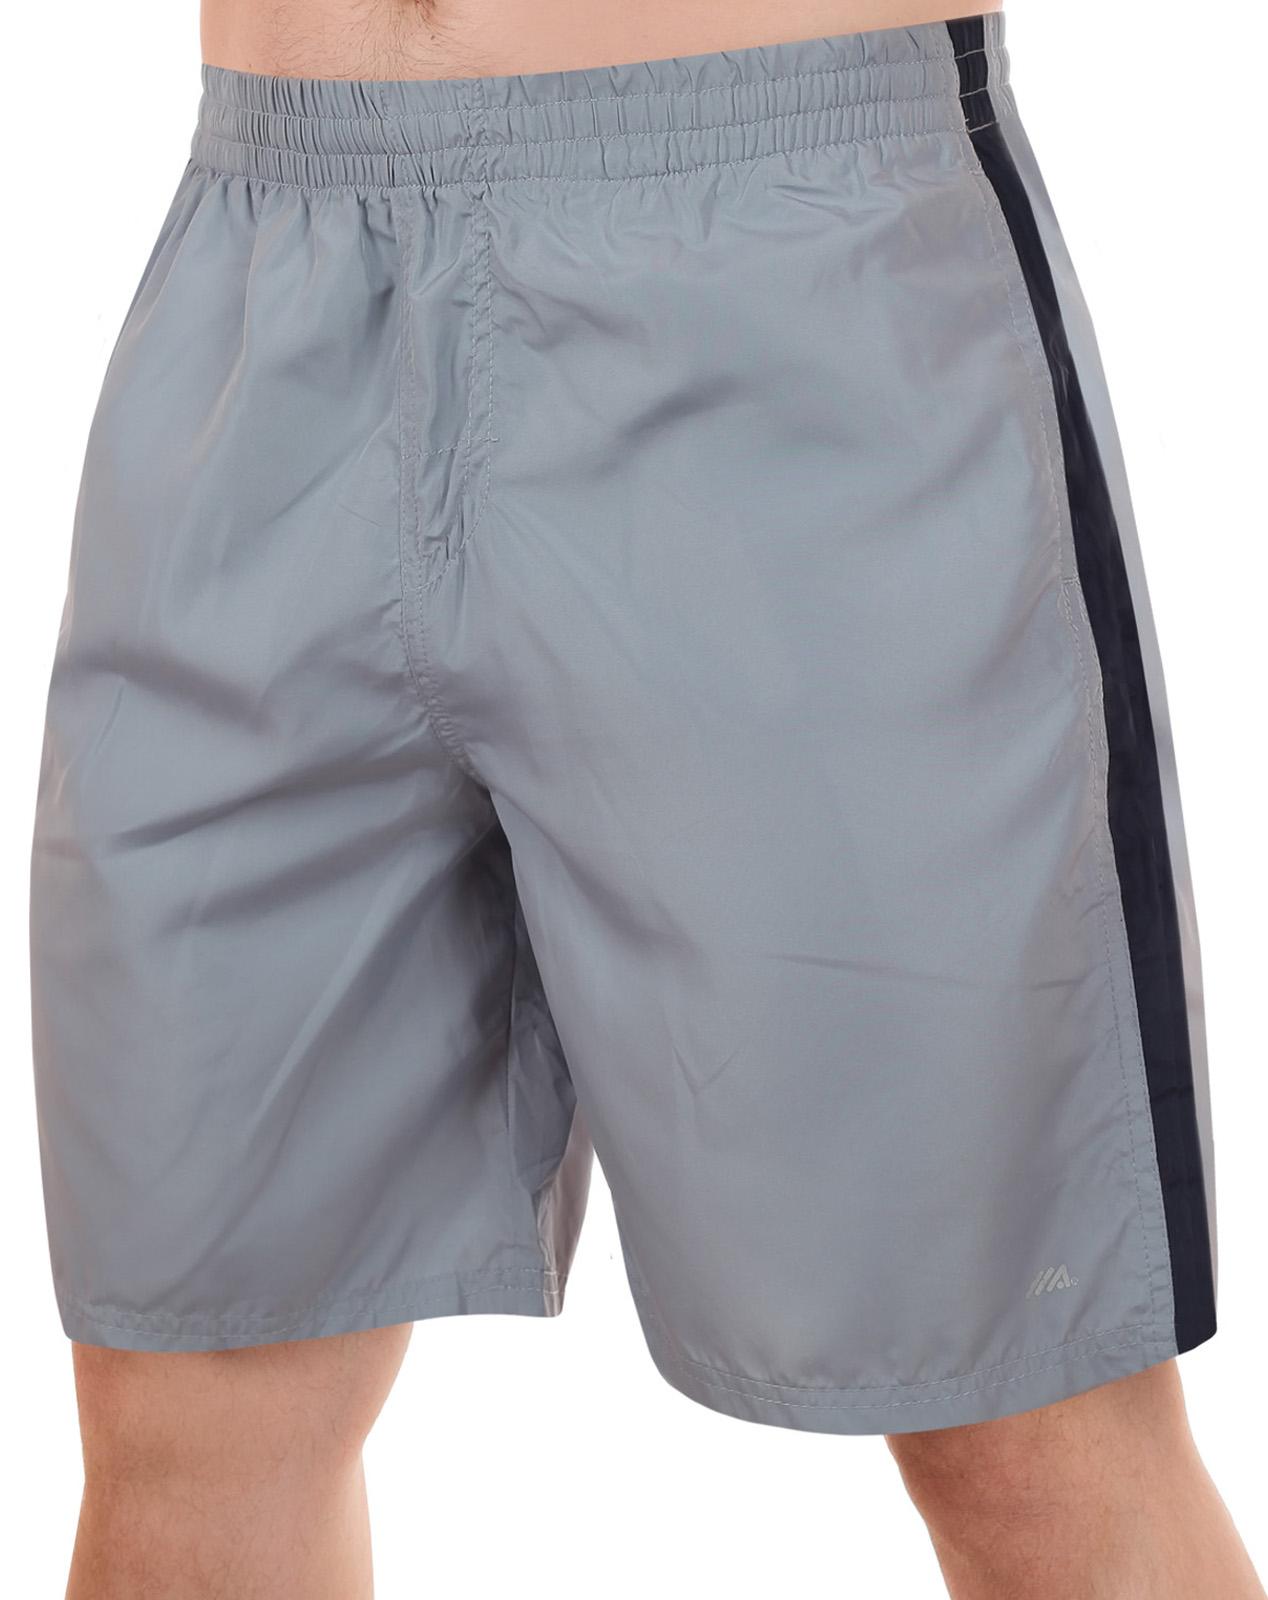 Обалденные мужские шорты от MACE (Канада), не тормози чувак, дешевле не найдешь!